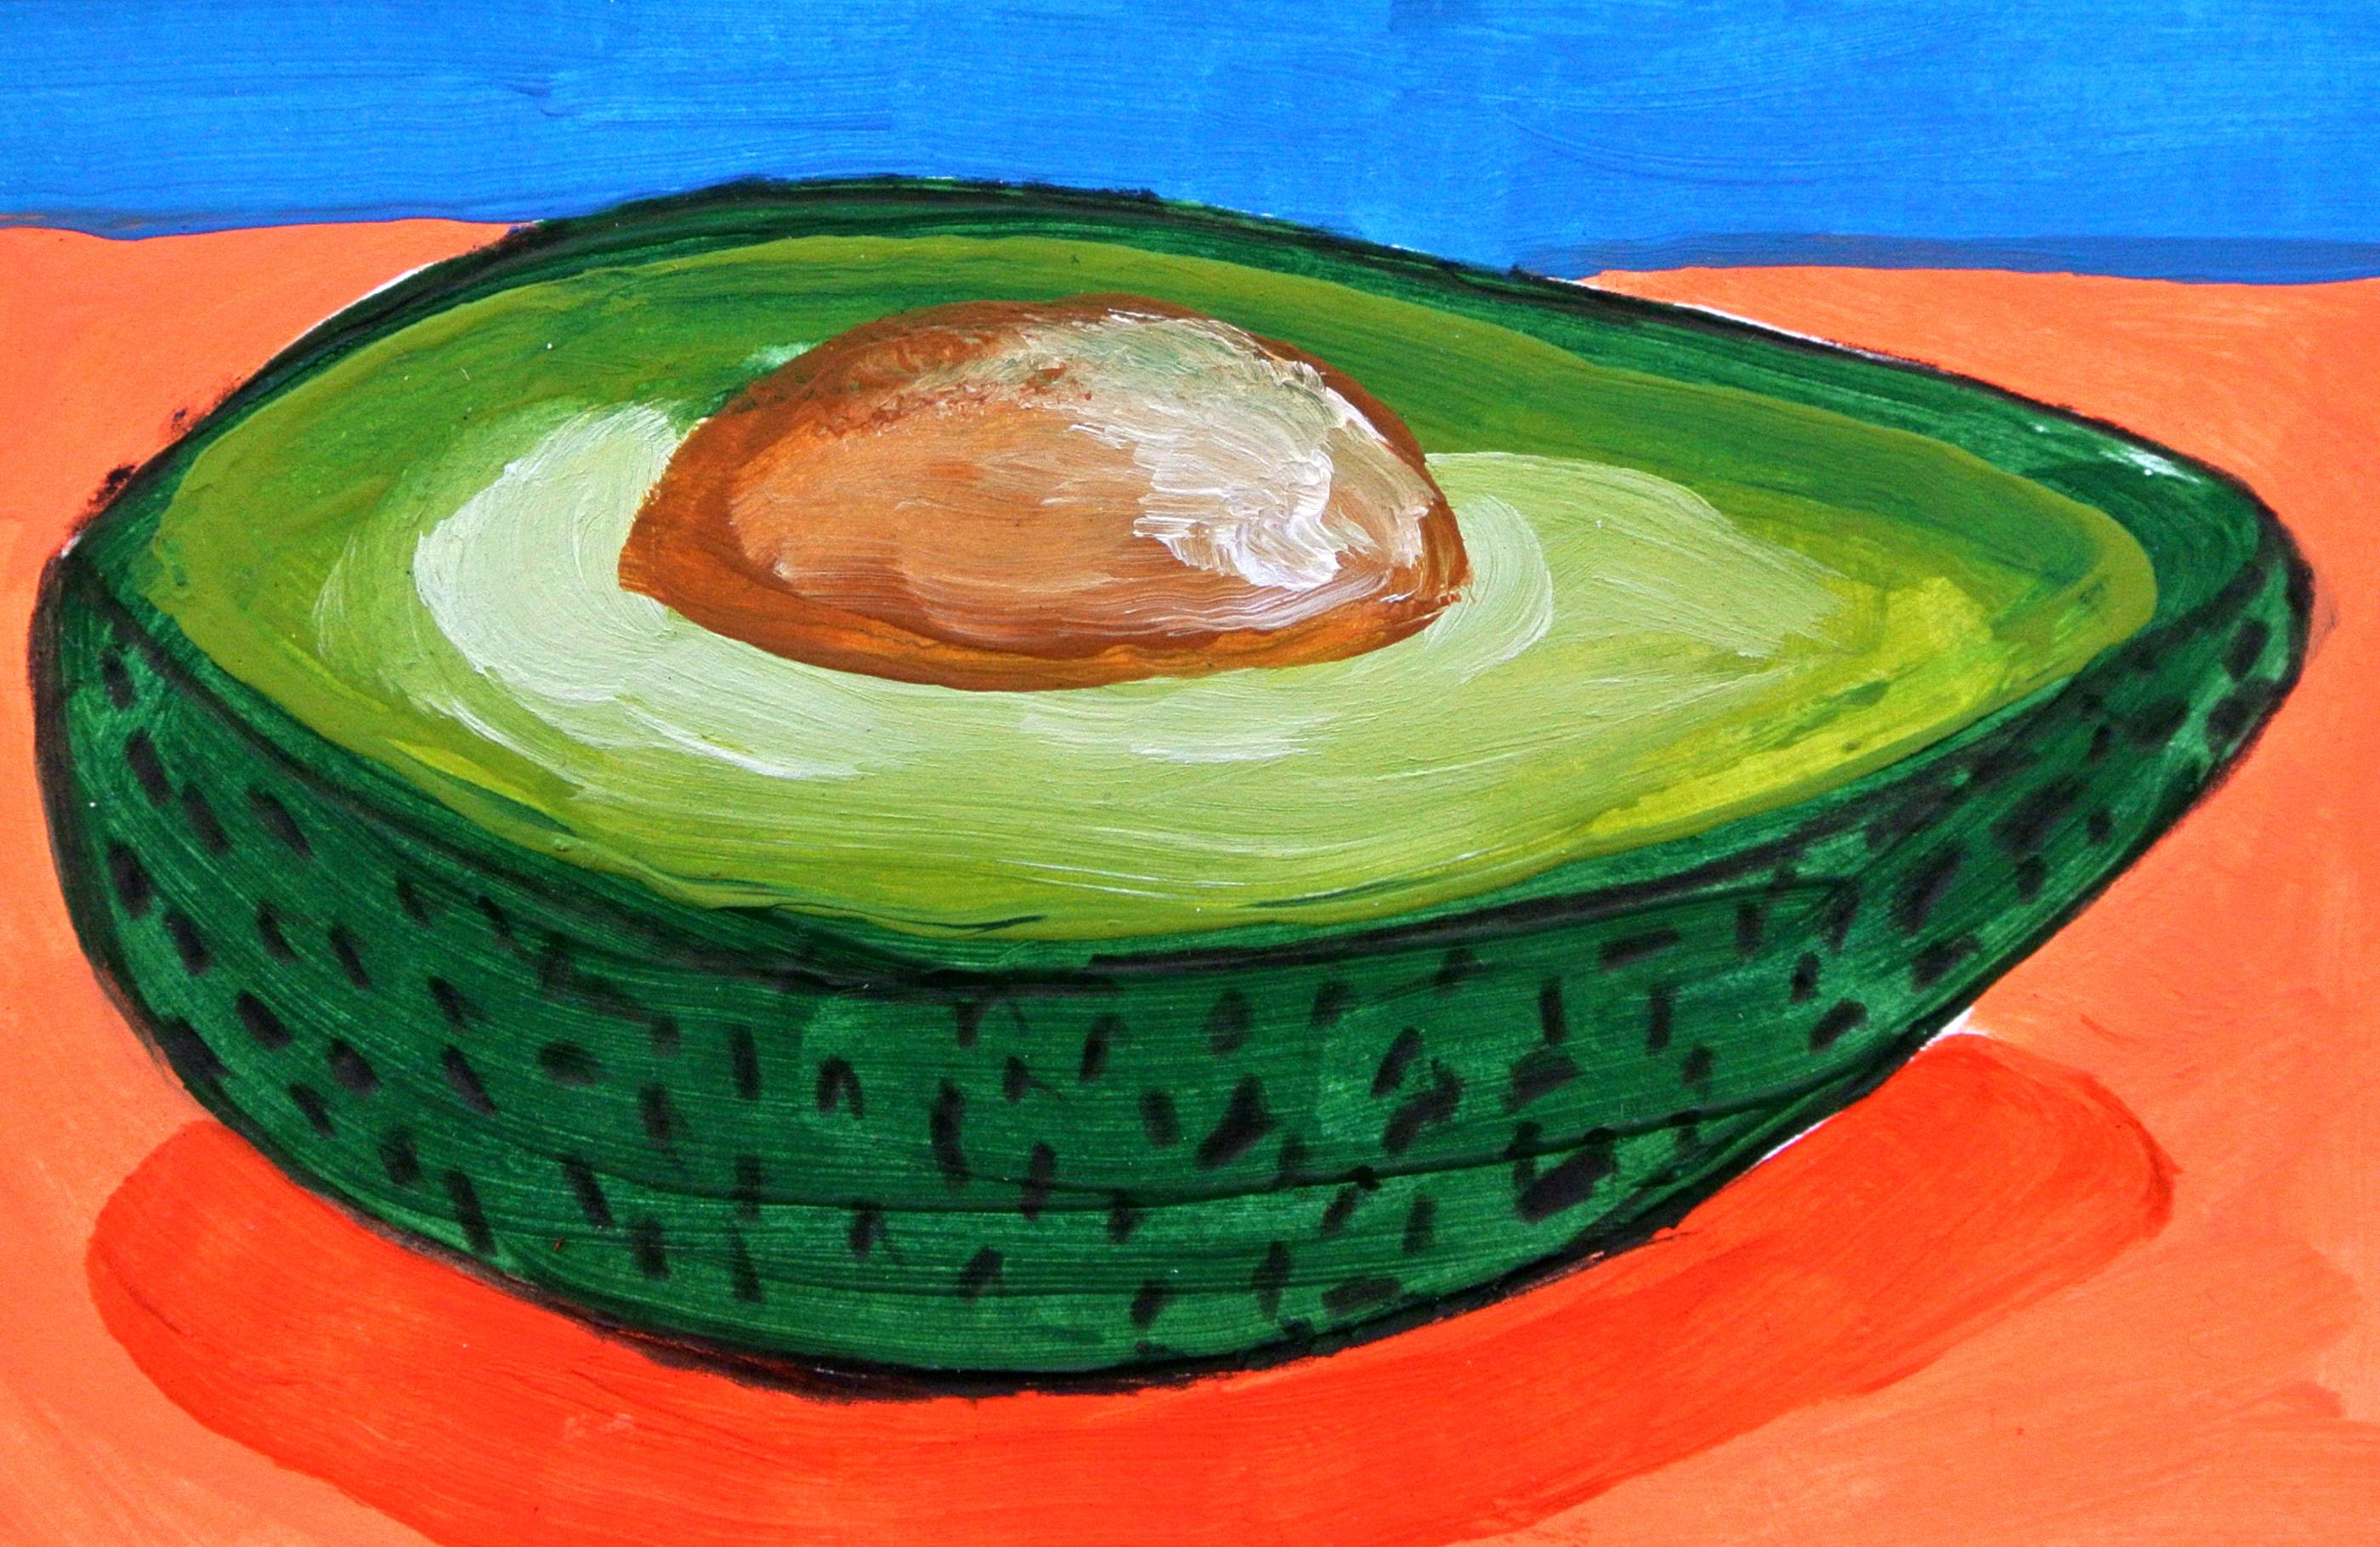 Avocado 9 x 14 cm